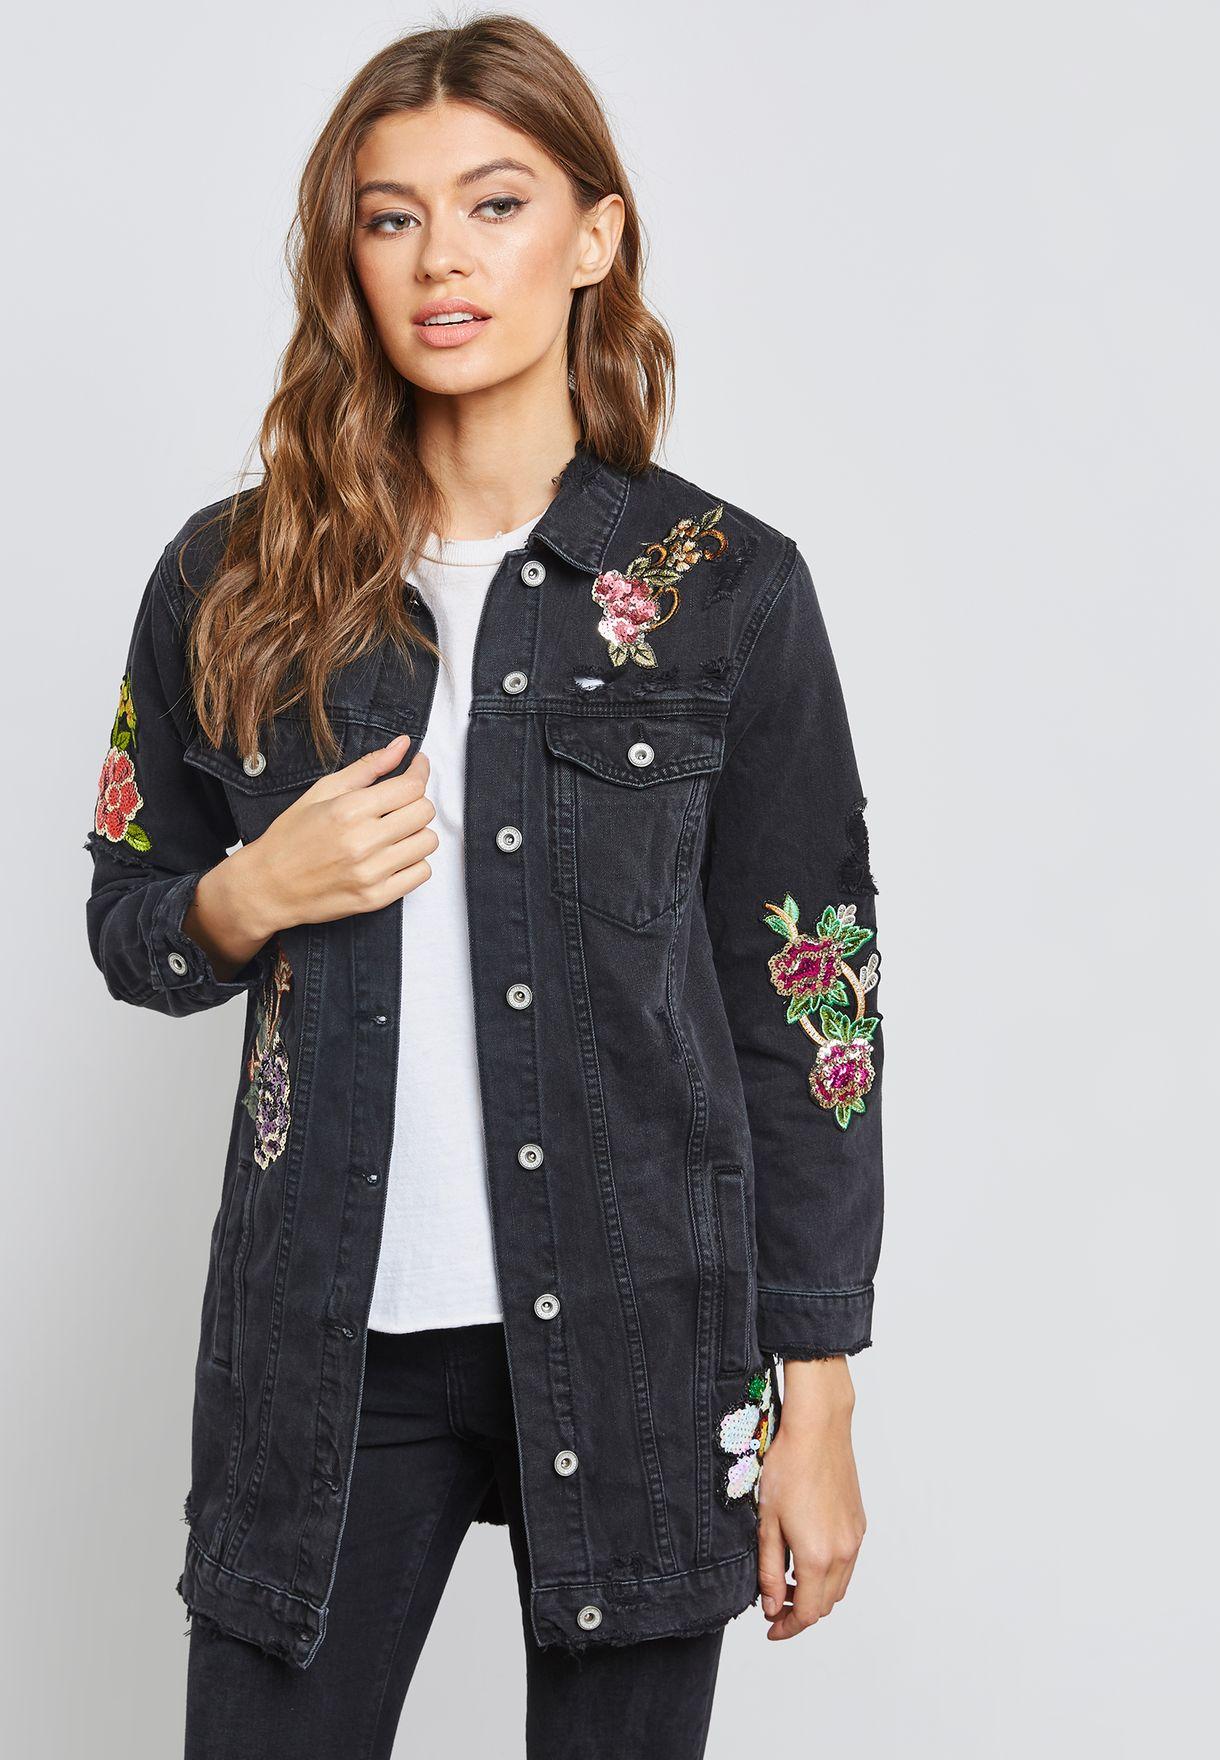 fd5c2407b تسوق جاكيت جينز طويل بأزهار مطرزة ماركة جينجر لون رمادي W3156-1 في ...